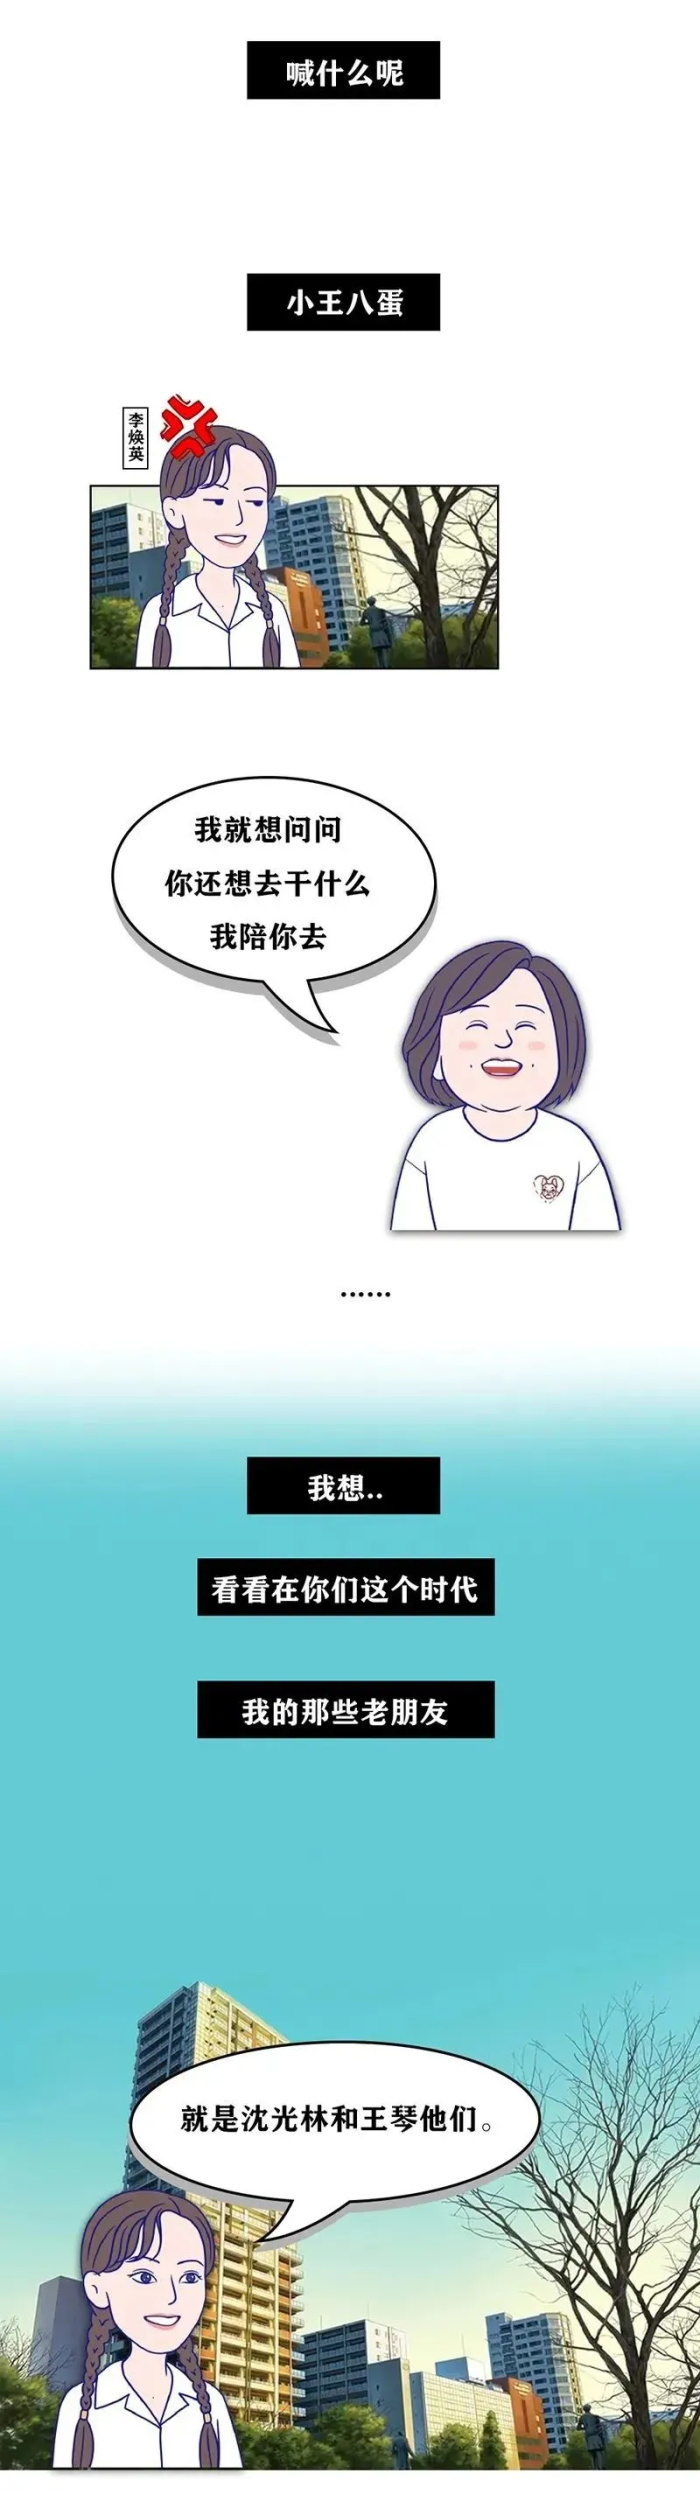 《你好,李焕英》社保番外篇2(漫画版)